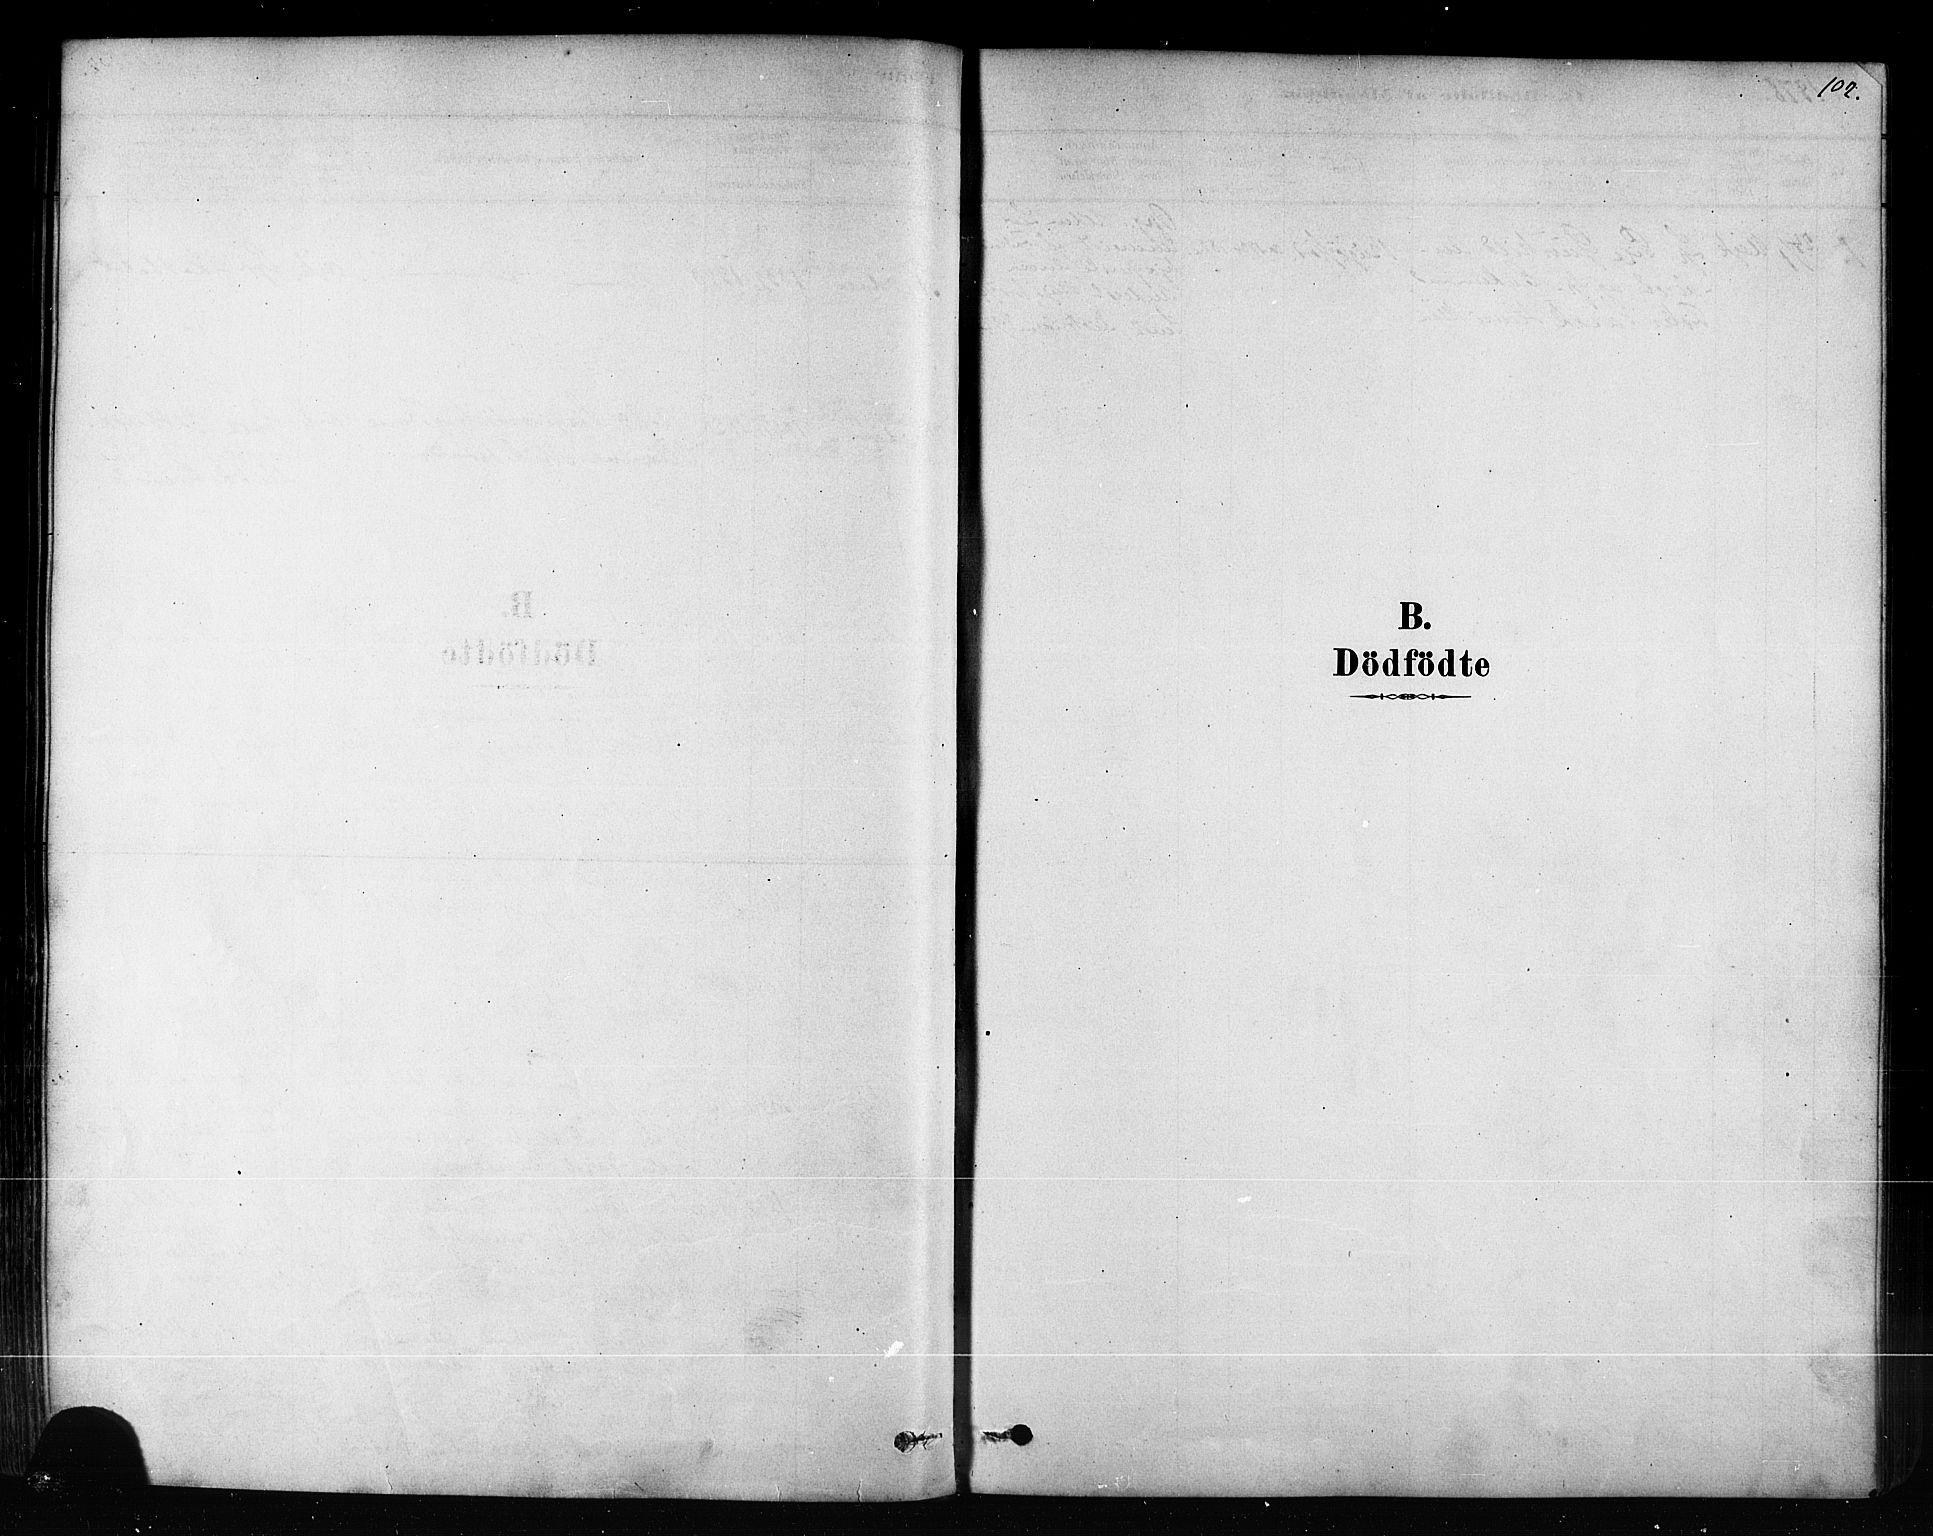 SATØ, Sør-Varanger sokneprestkontor, H/Ha/L0003kirke: Ministerialbok nr. 3, 1878-1891, s. 102